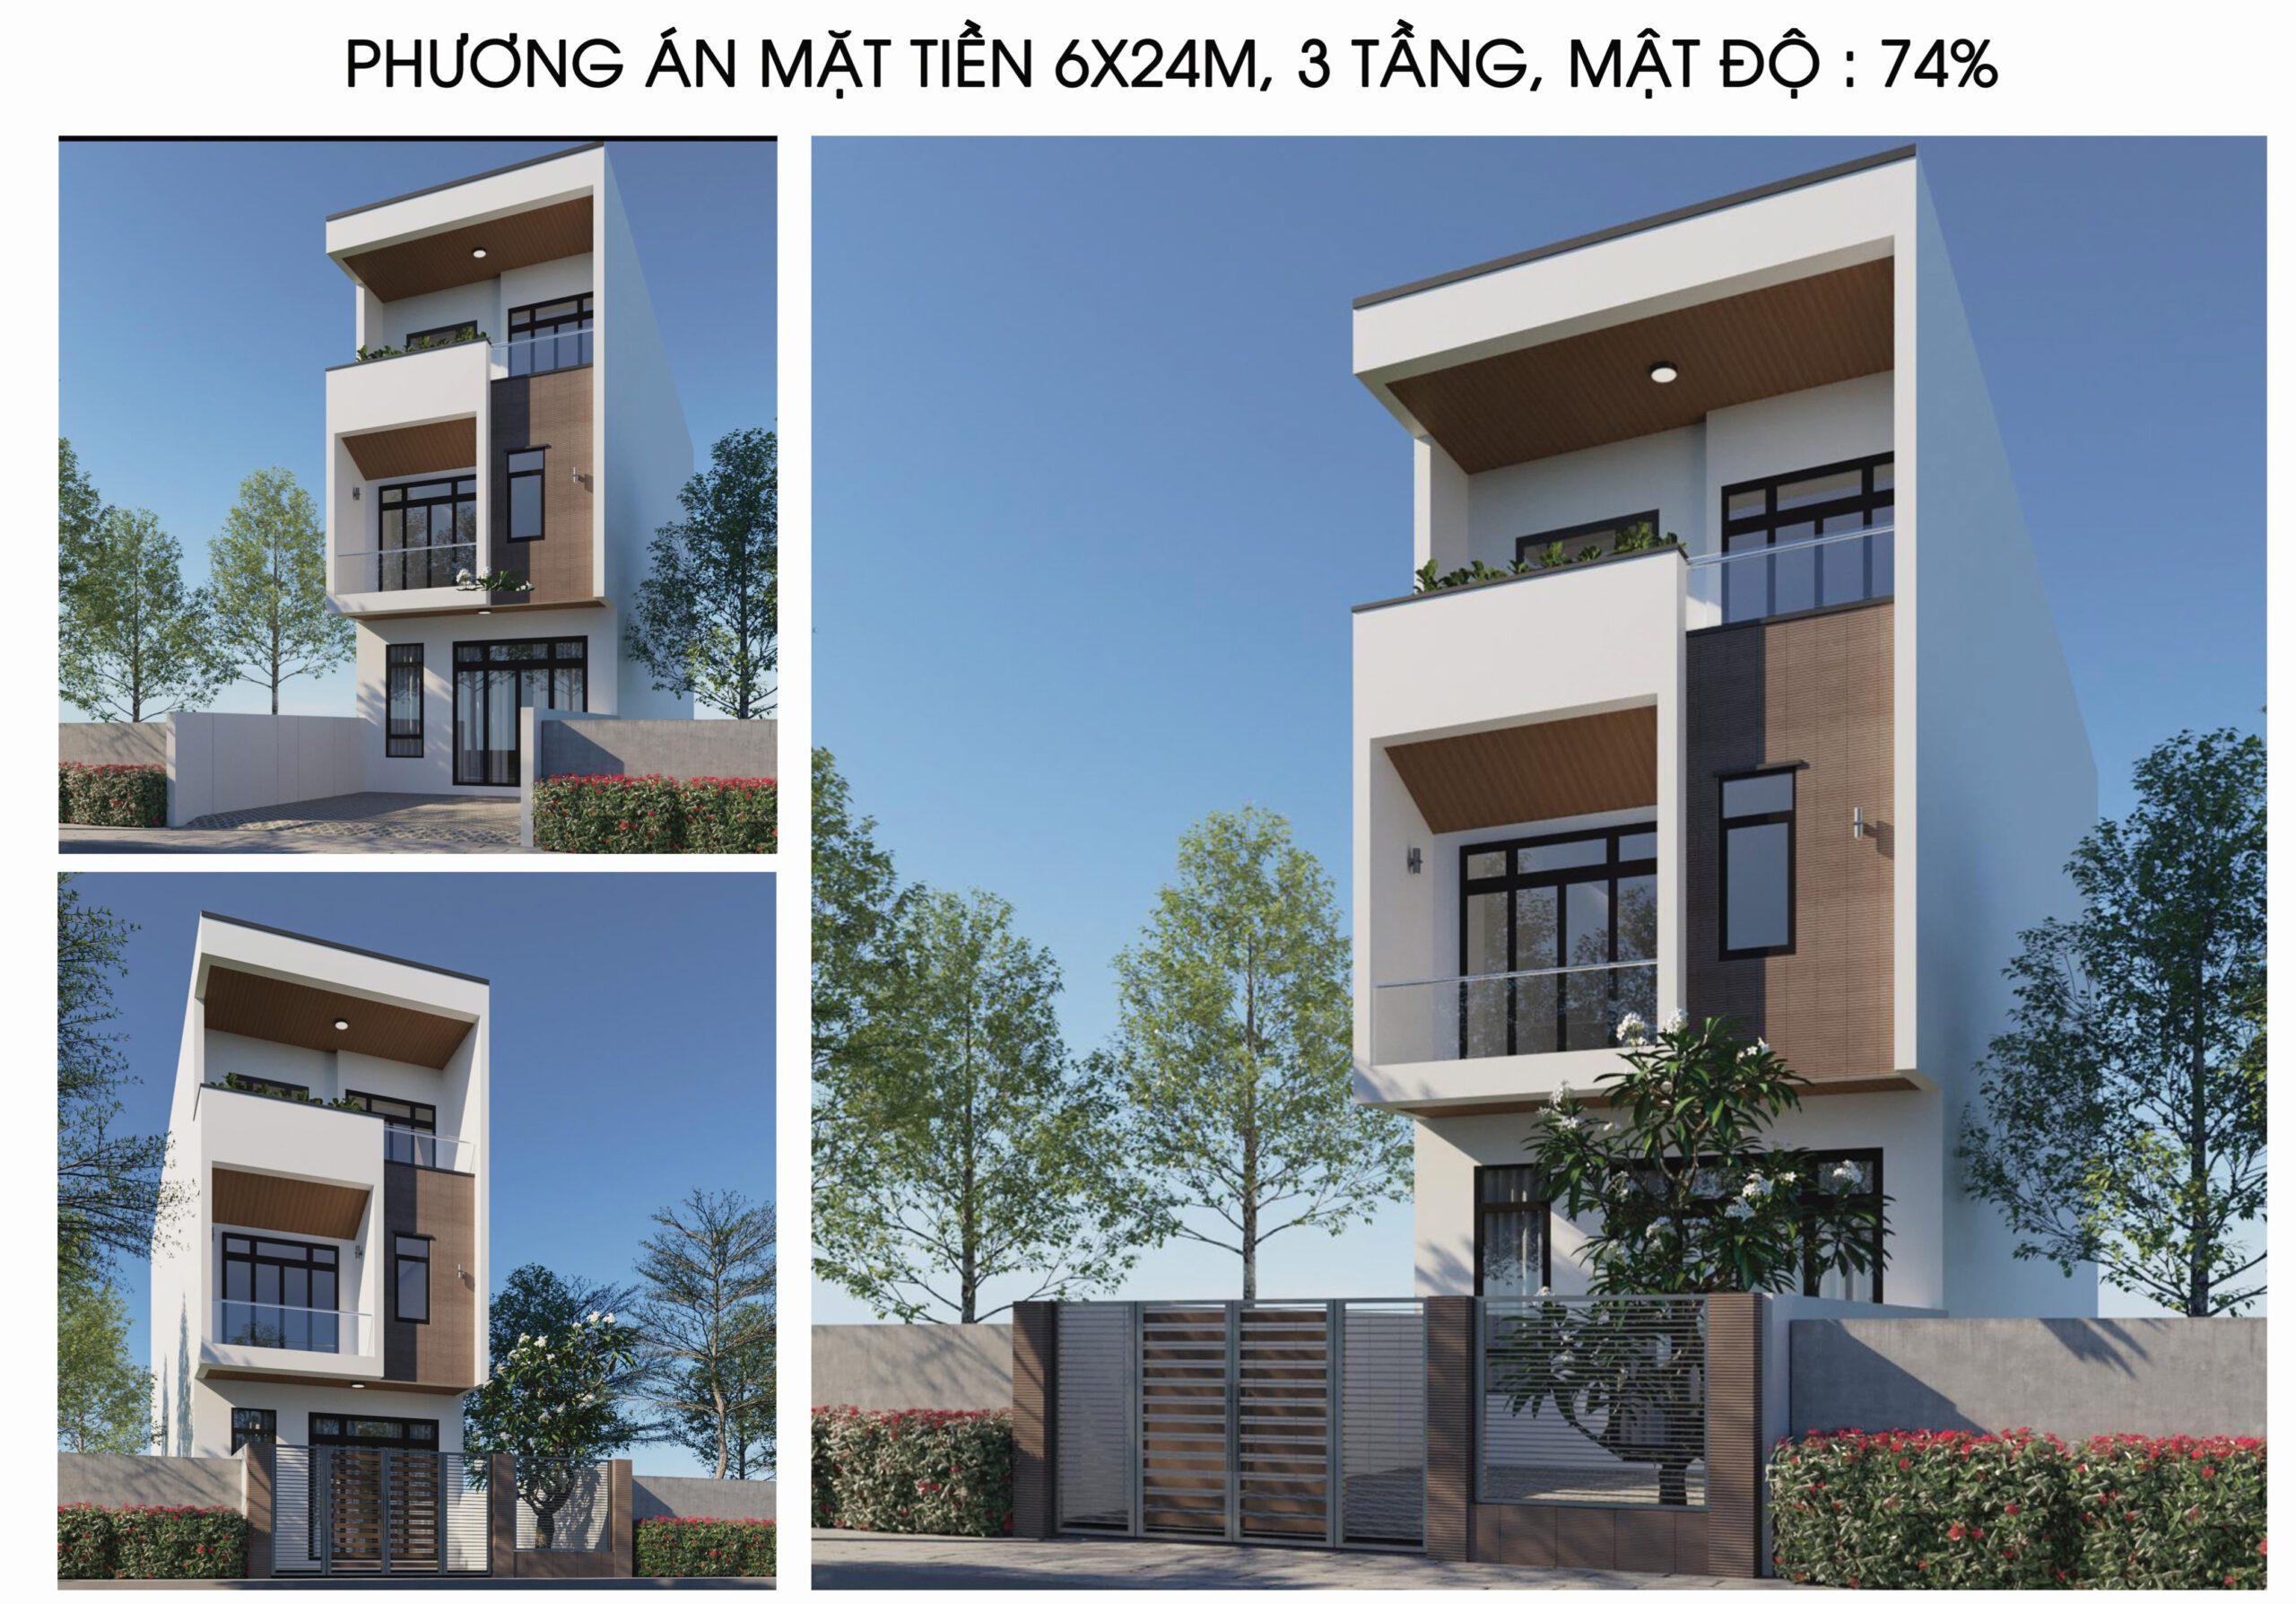 Seri mẫu nhà: nhà phố 3tầng 6mx24m